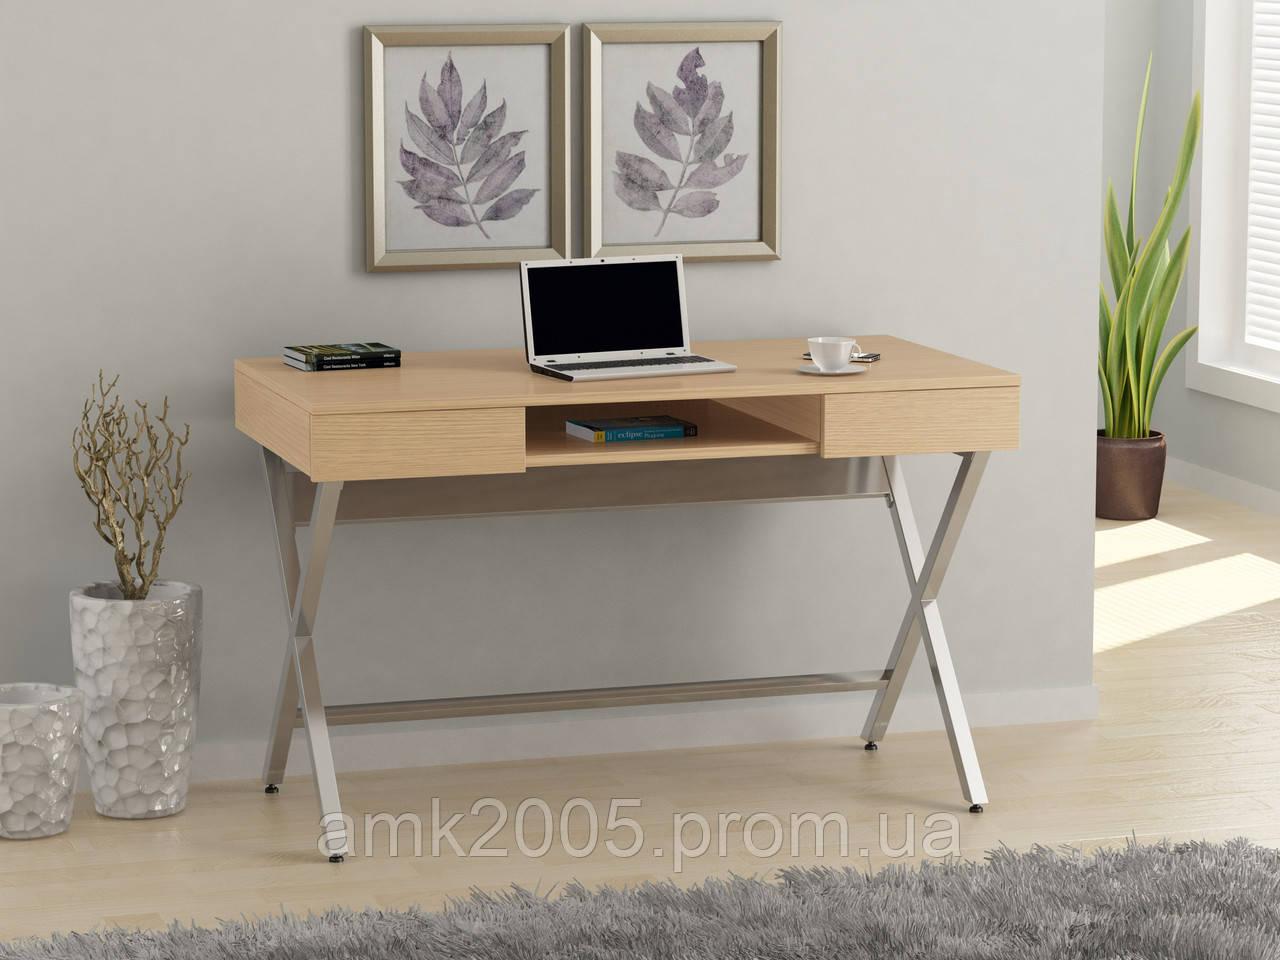 Письменный стол Loft design L-15 Дуб Борас